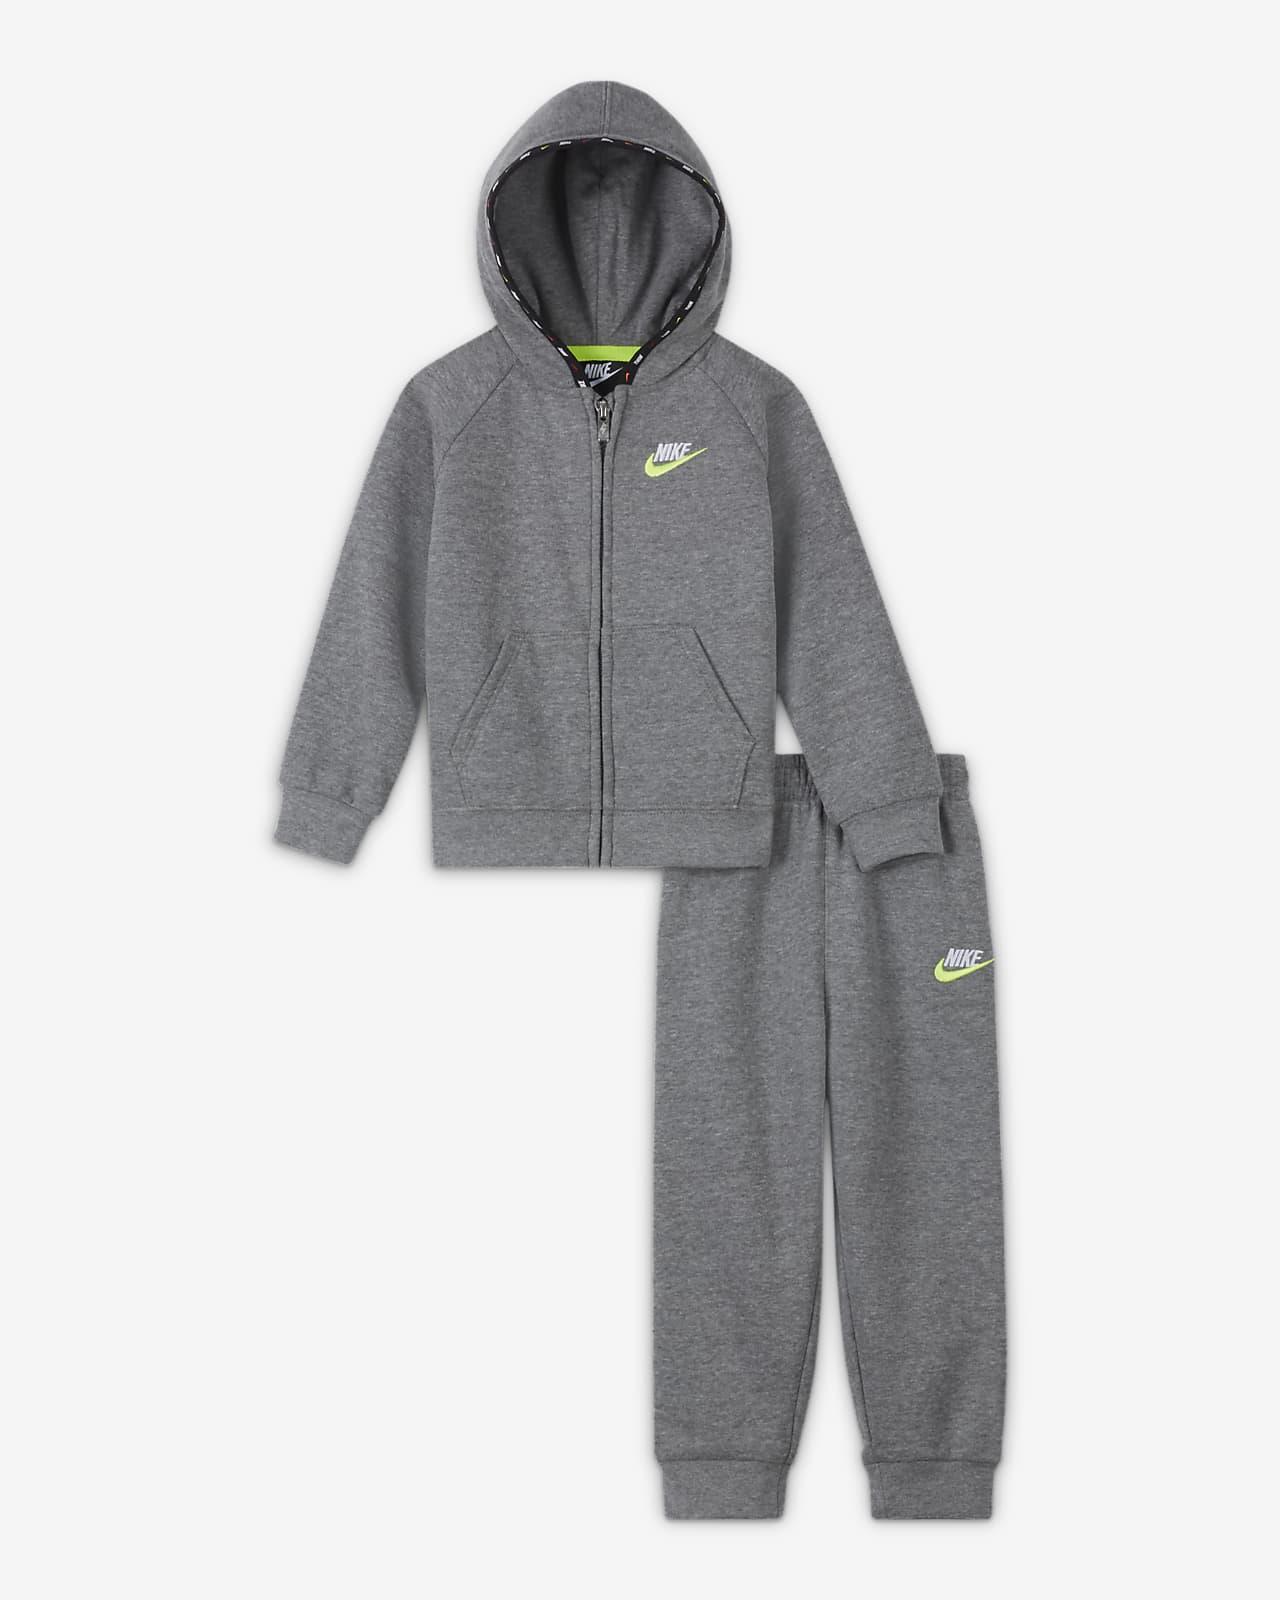 Nike Set aus Hoodie und Jogger für Babys (12 bis 24 Monate)